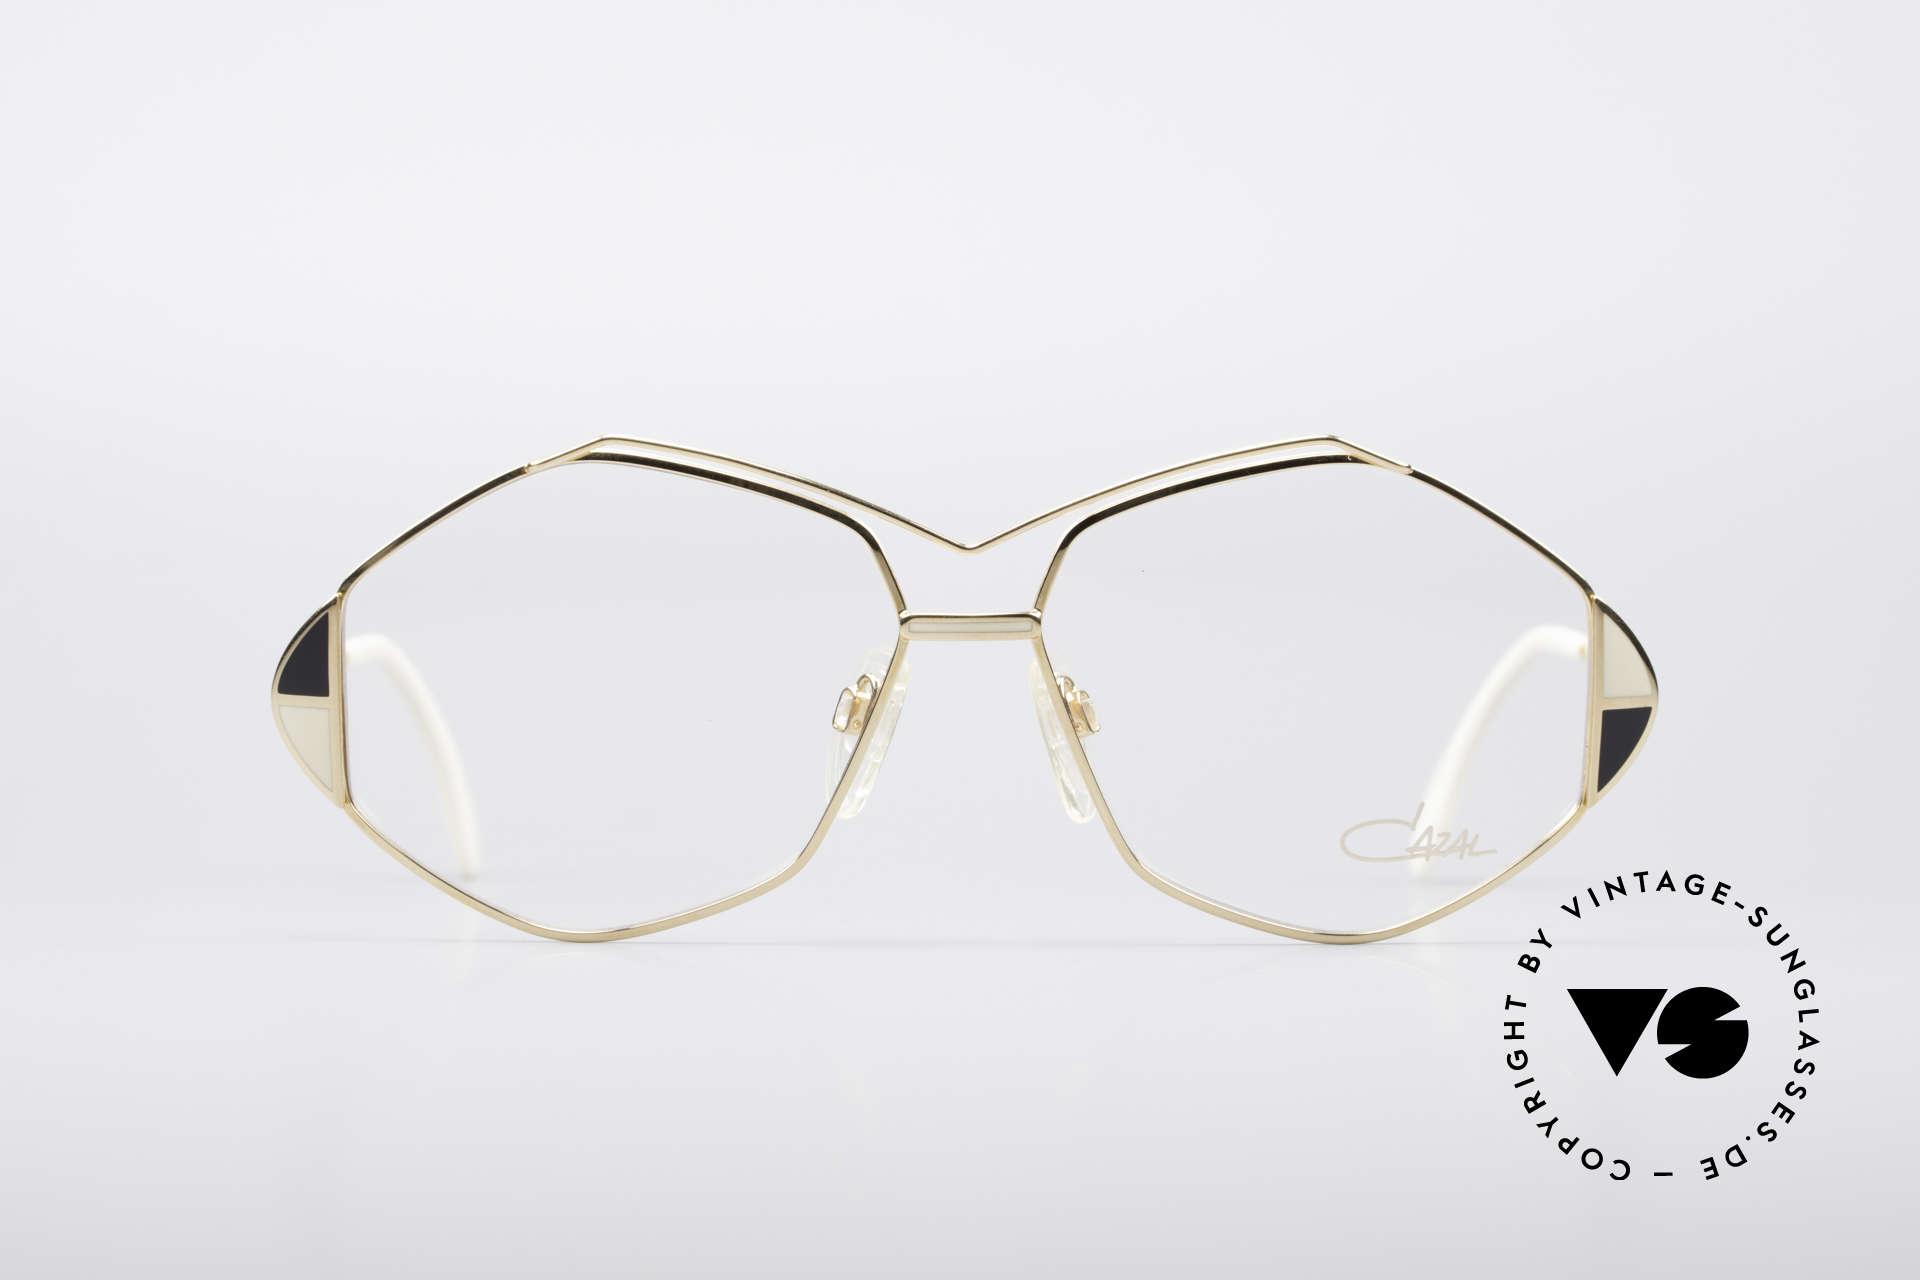 Cazal 233 Vintage West Germany Brille, echtes vintage W.Germany-Original in Gr. 59/14, Passend für Damen